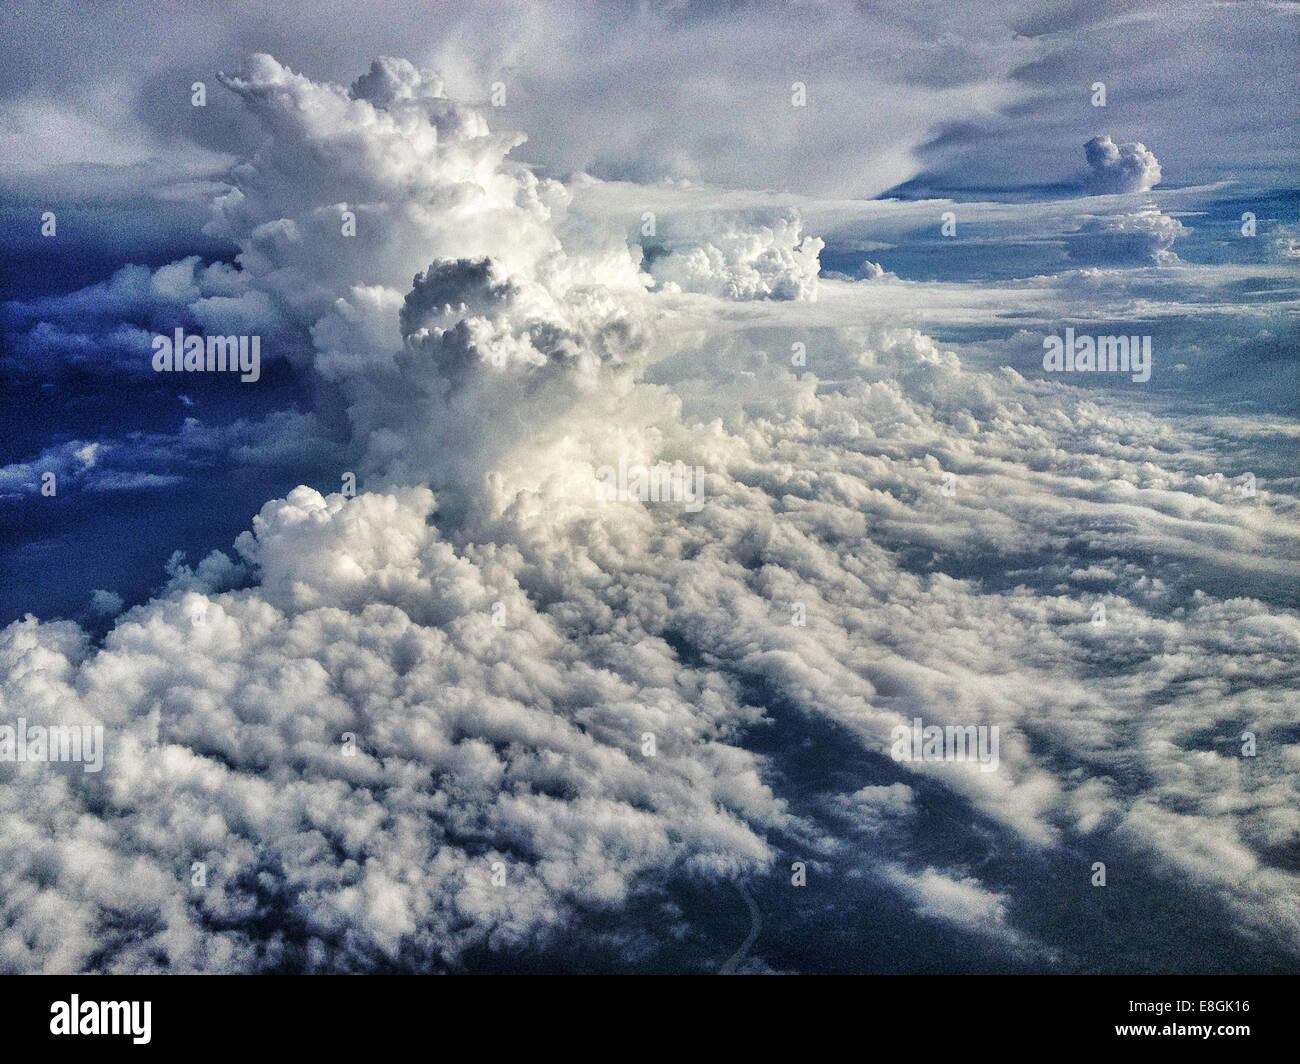 Indonesia, Bali, Cloudscape - Stock Image